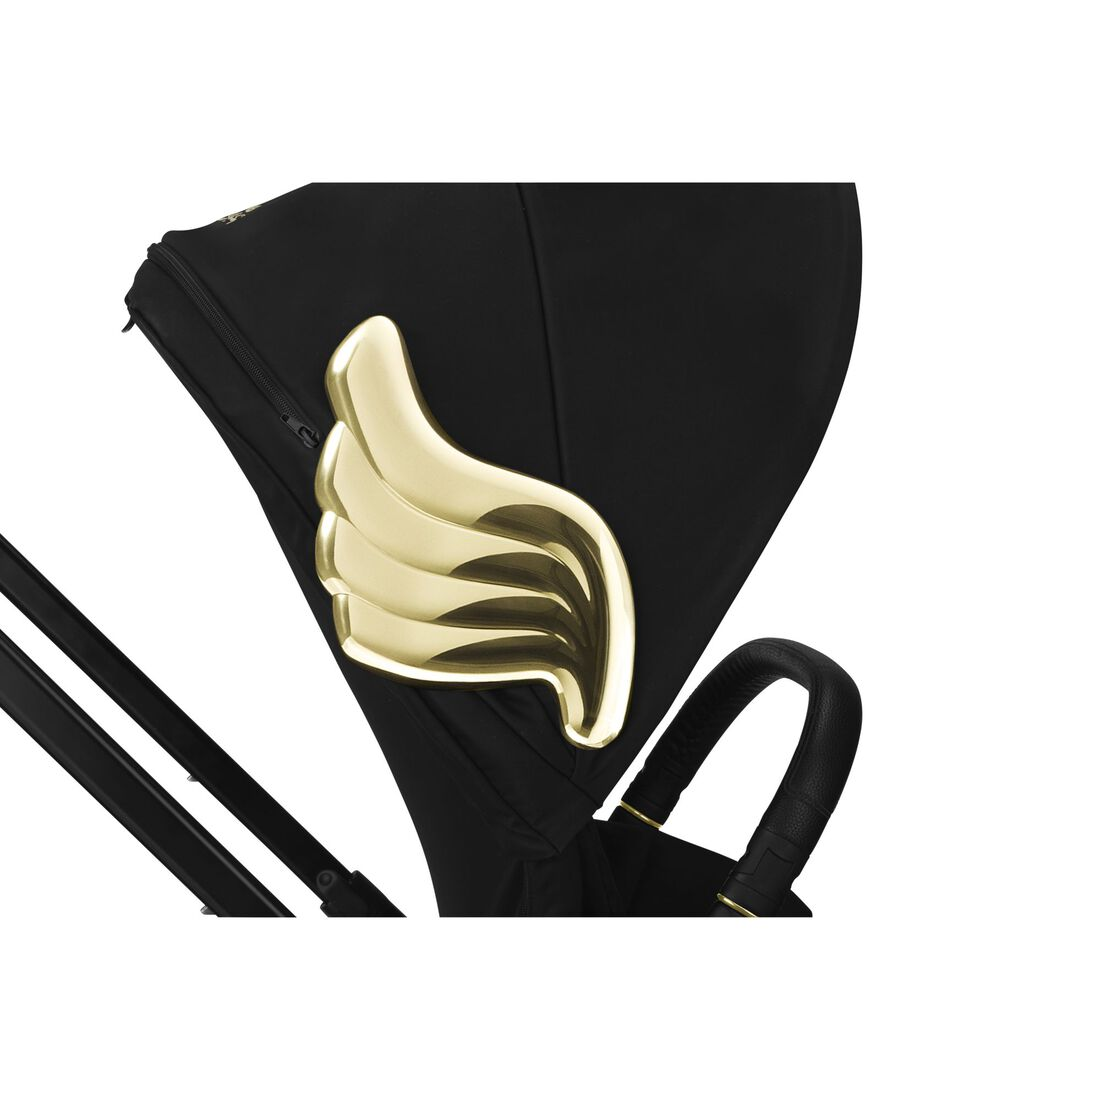 CYBEX Priam Jeremy Scott - Wings in Wings large Bild 5